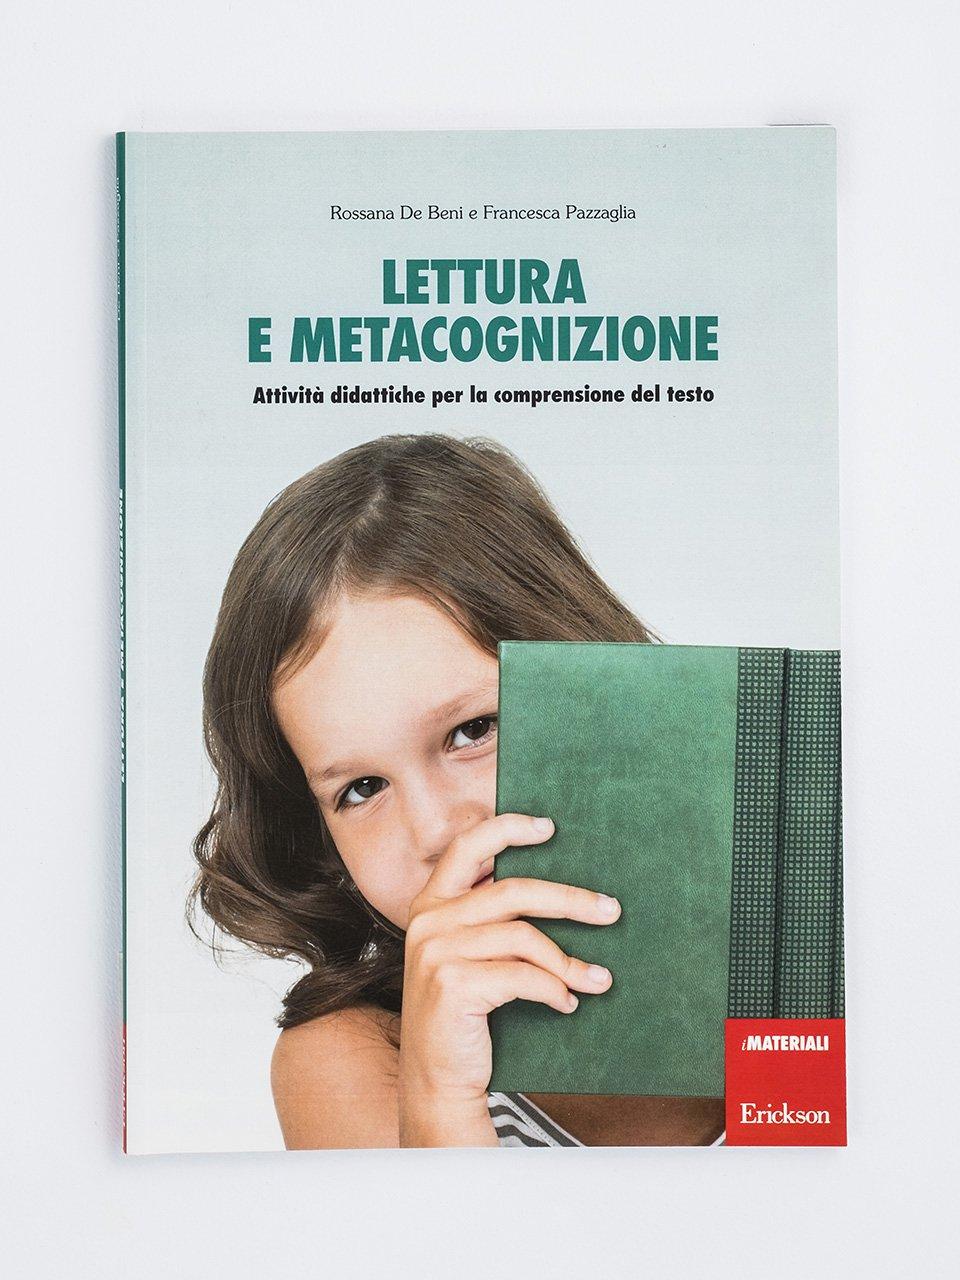 Lettura e metacognizione - Schede per Tablotto (6-8 anni) - Alla ricerca dell - Giochi - Erickson